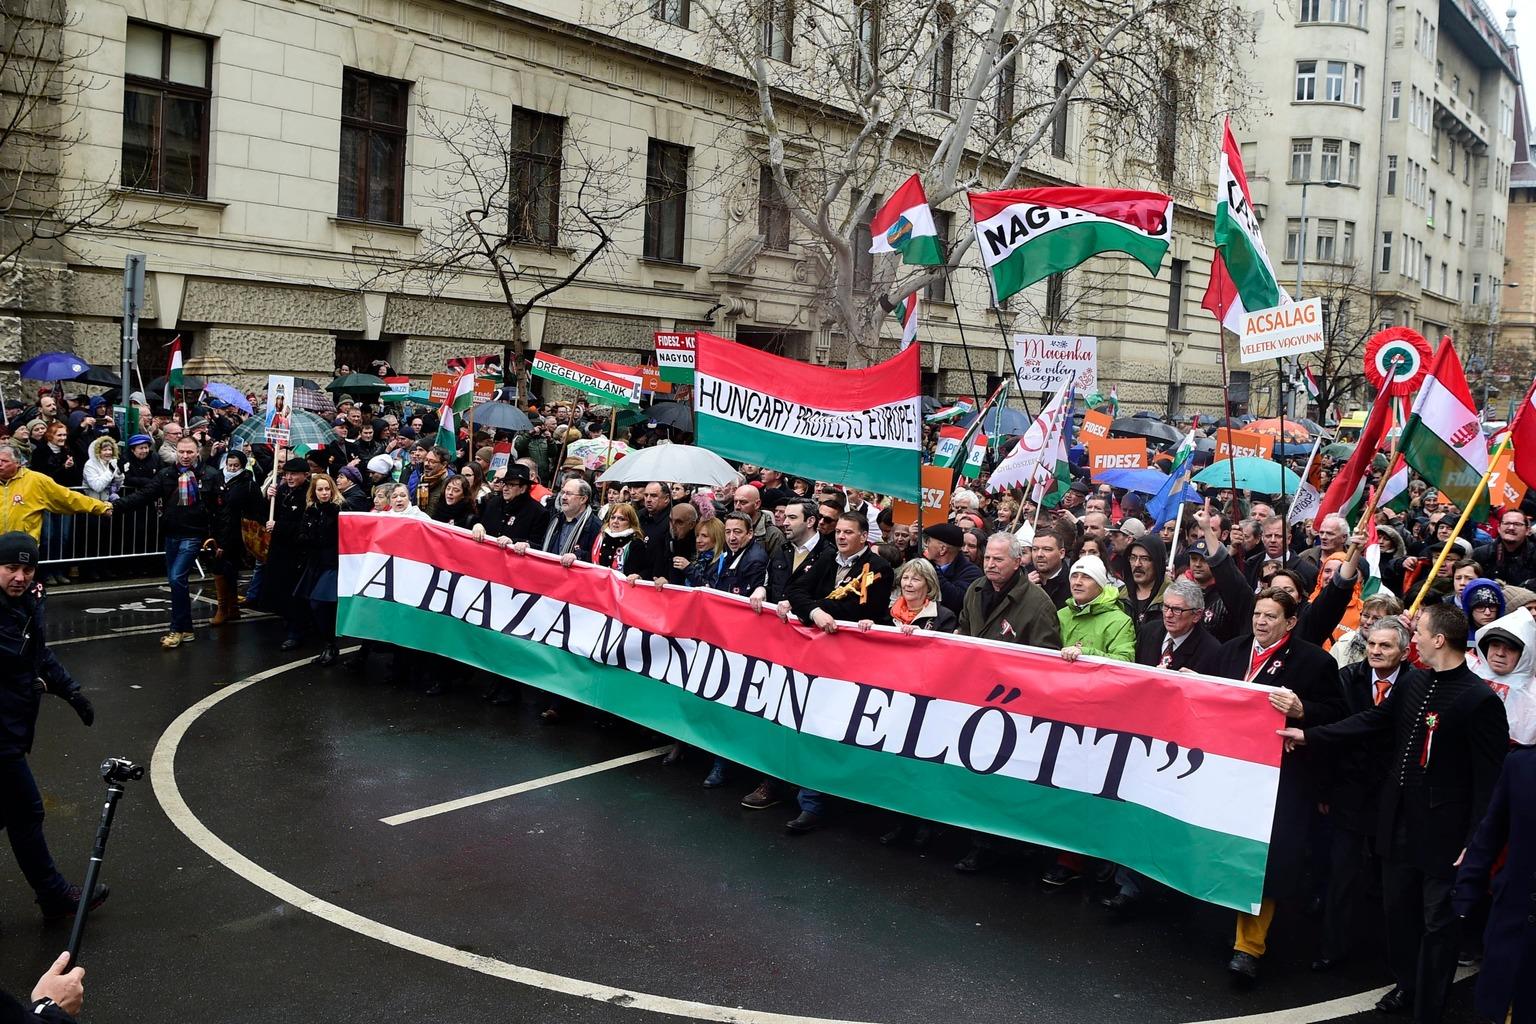 Budapest, 2018. március 15. Résztvevők a Civil Összefogás Fórum - Civil Összefogás Közhasznú Alapítvány (CÖF-CÖKA) Békemenetén az Alkotmány utcában 2018. március 15-én. MTI Fotó: Balogh Zoltán